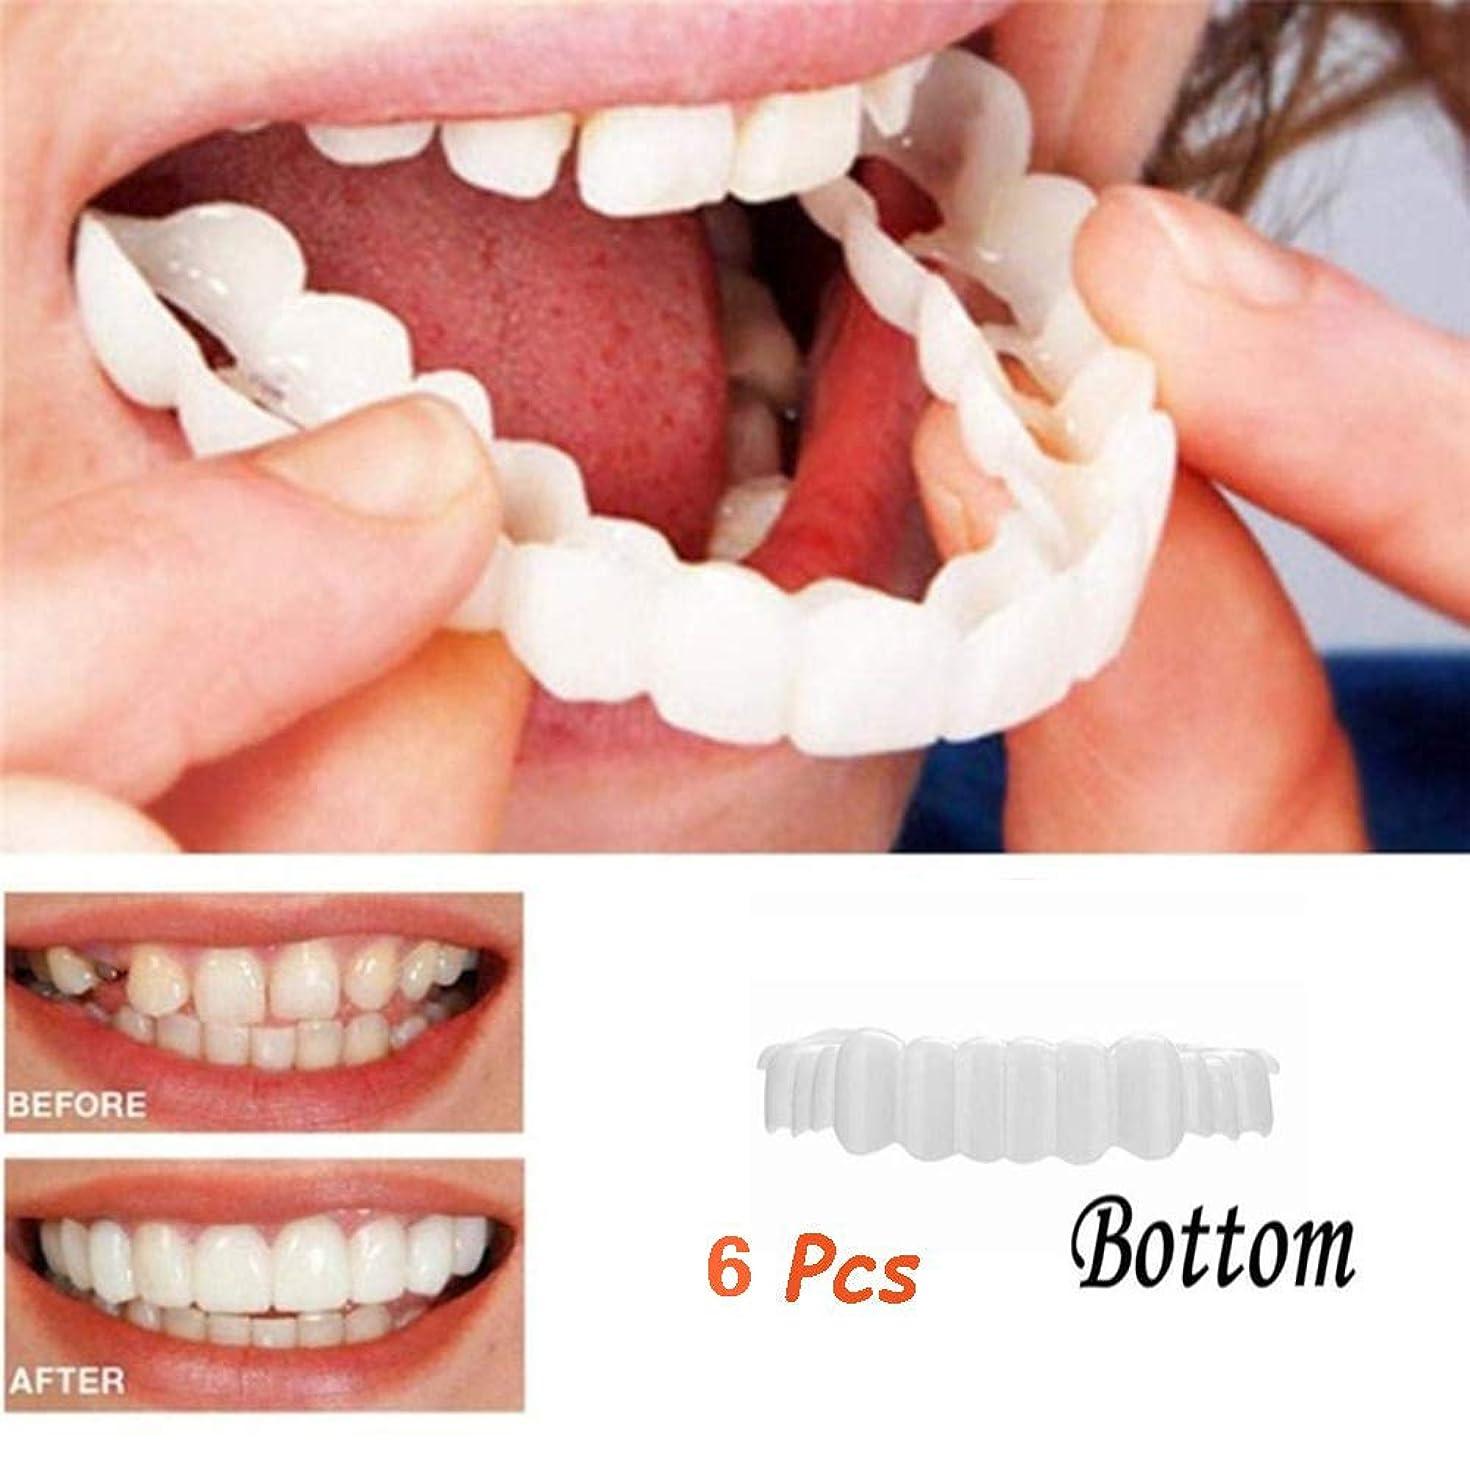 良心的センター抹消6本底化粧品の歯の快適さフィットフレックス化粧品の歯義歯歯低歯のホワイトニングスナップオンインスタント笑顔サイズフィット